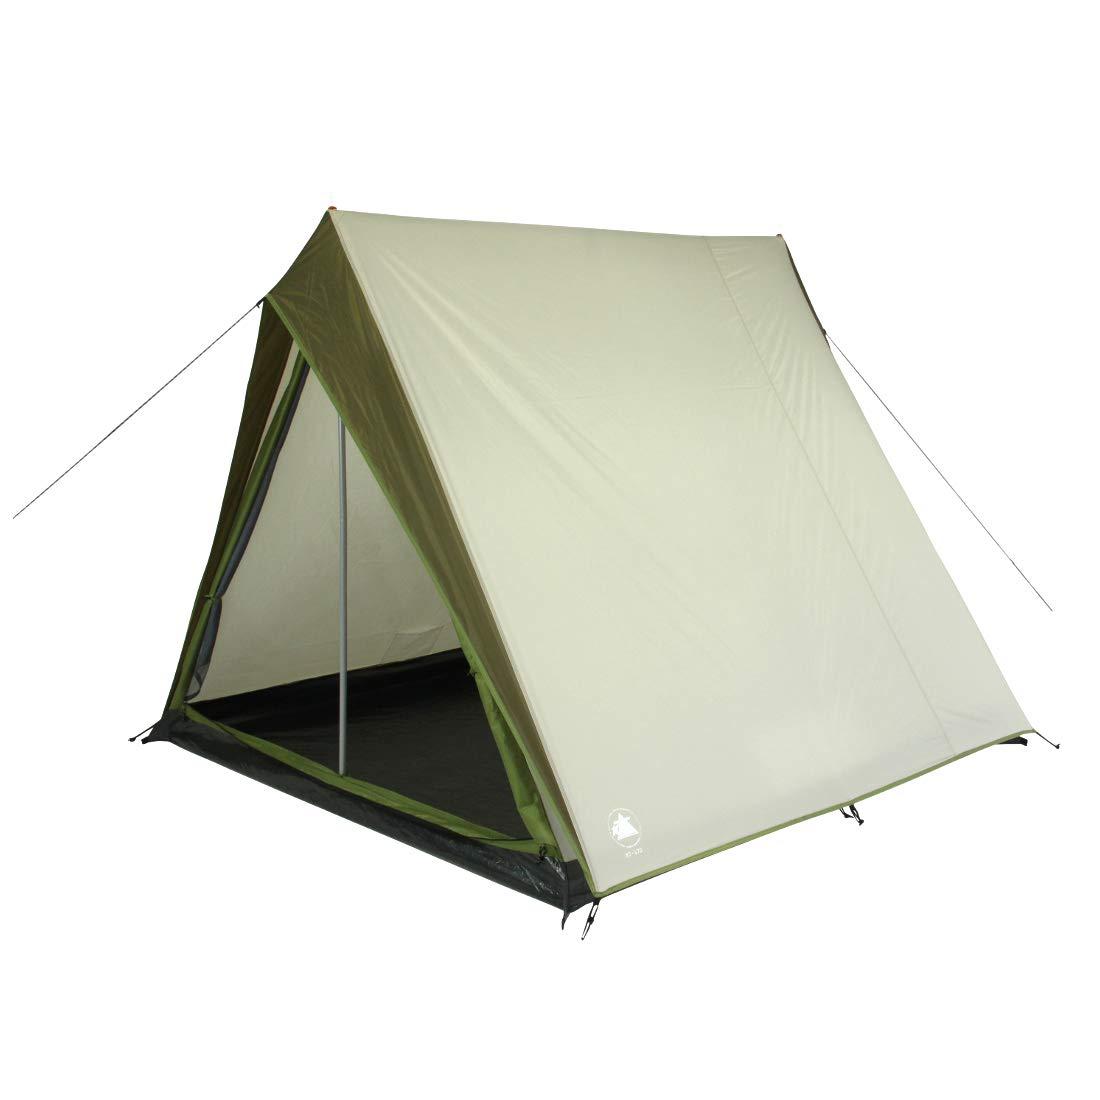 10T Camping-Zelt Dundas 3 Hauszelt mit Schlafkabine für 3 Personen Outdoor Familienzelt, Firstzelt mit Dauerbelüftung, eingenähte Bodenwanne, wasserdicht mit 5000mm Wassersäule